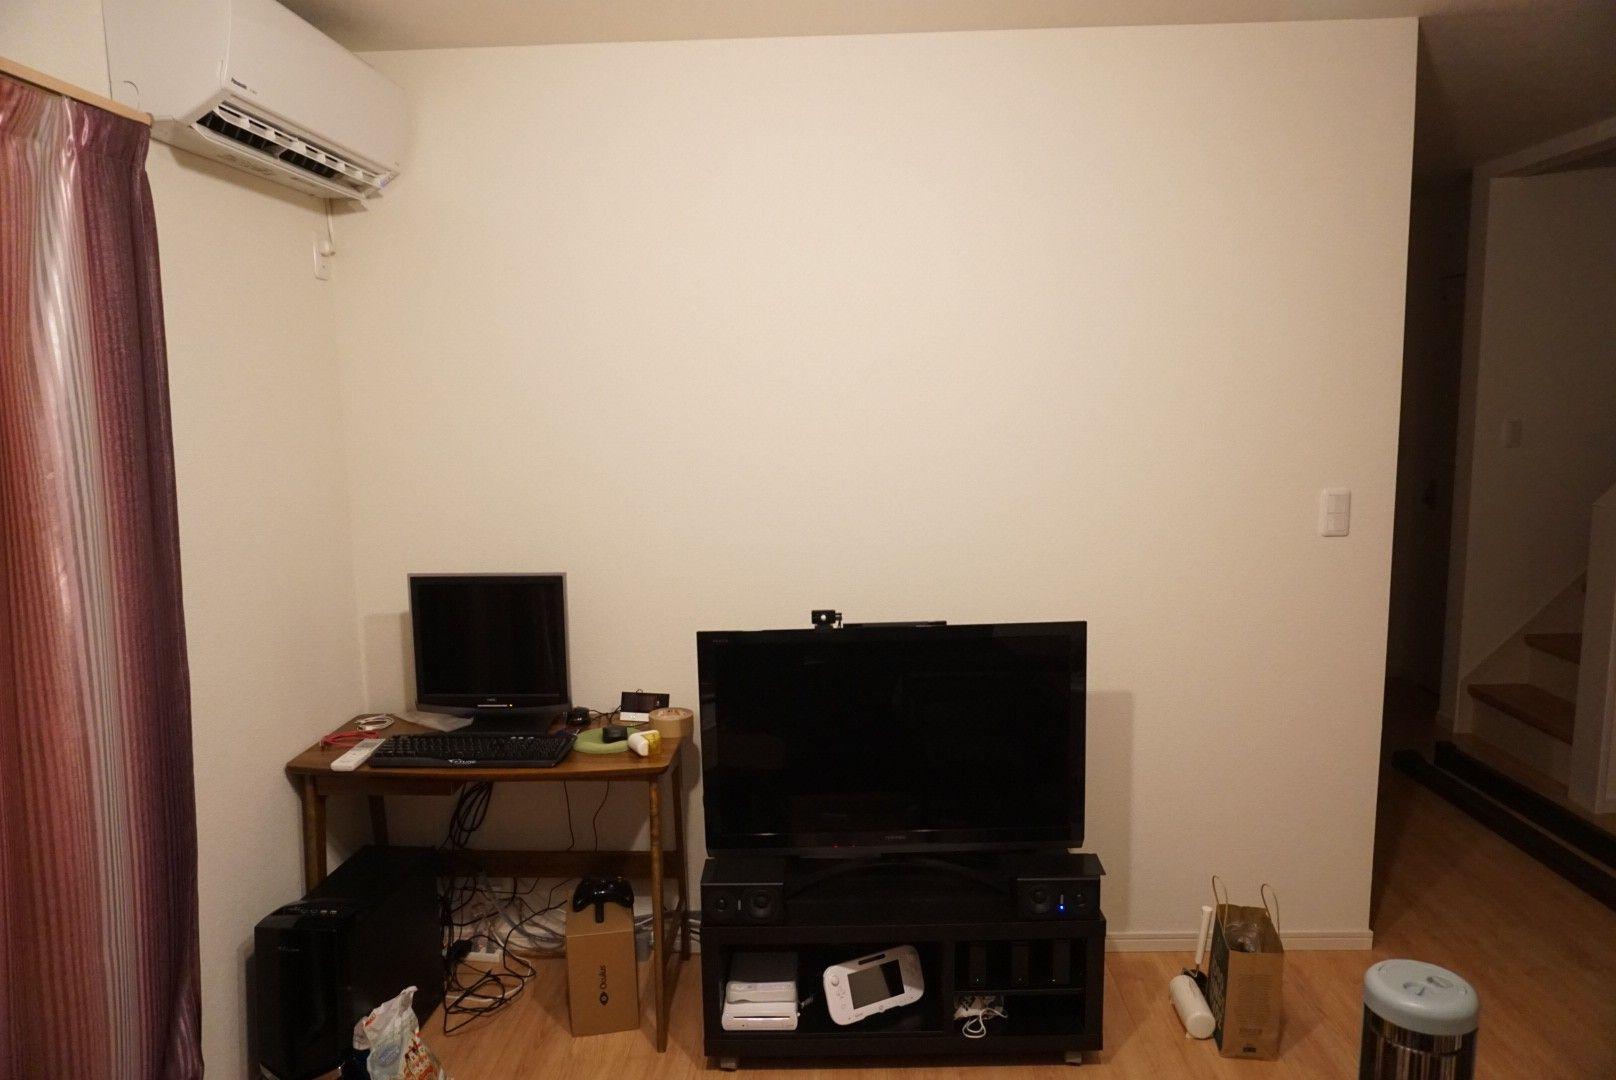 インテリア テレビを壁掛けにしよう その1 空想現実 Fantasy Reality 楽天ブログ